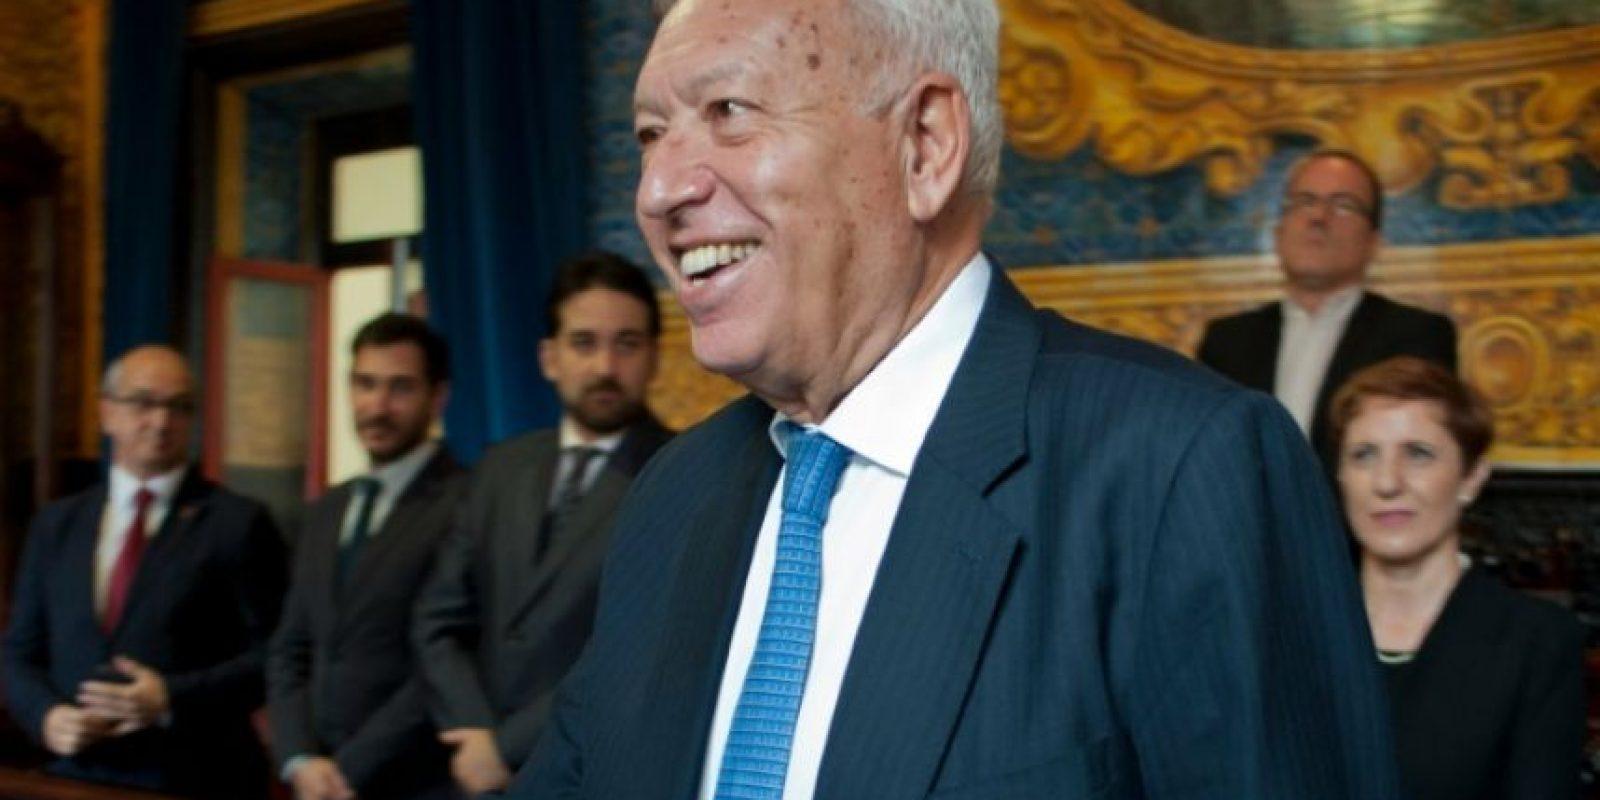 El ministro español de Relaciones Exteriores, José García-Margallo (C), sonríe en su visita al ayuntamiento de Algeciras, el 18 de octubre de 2016. Foto:SERGIO CAMACHO/afp.com